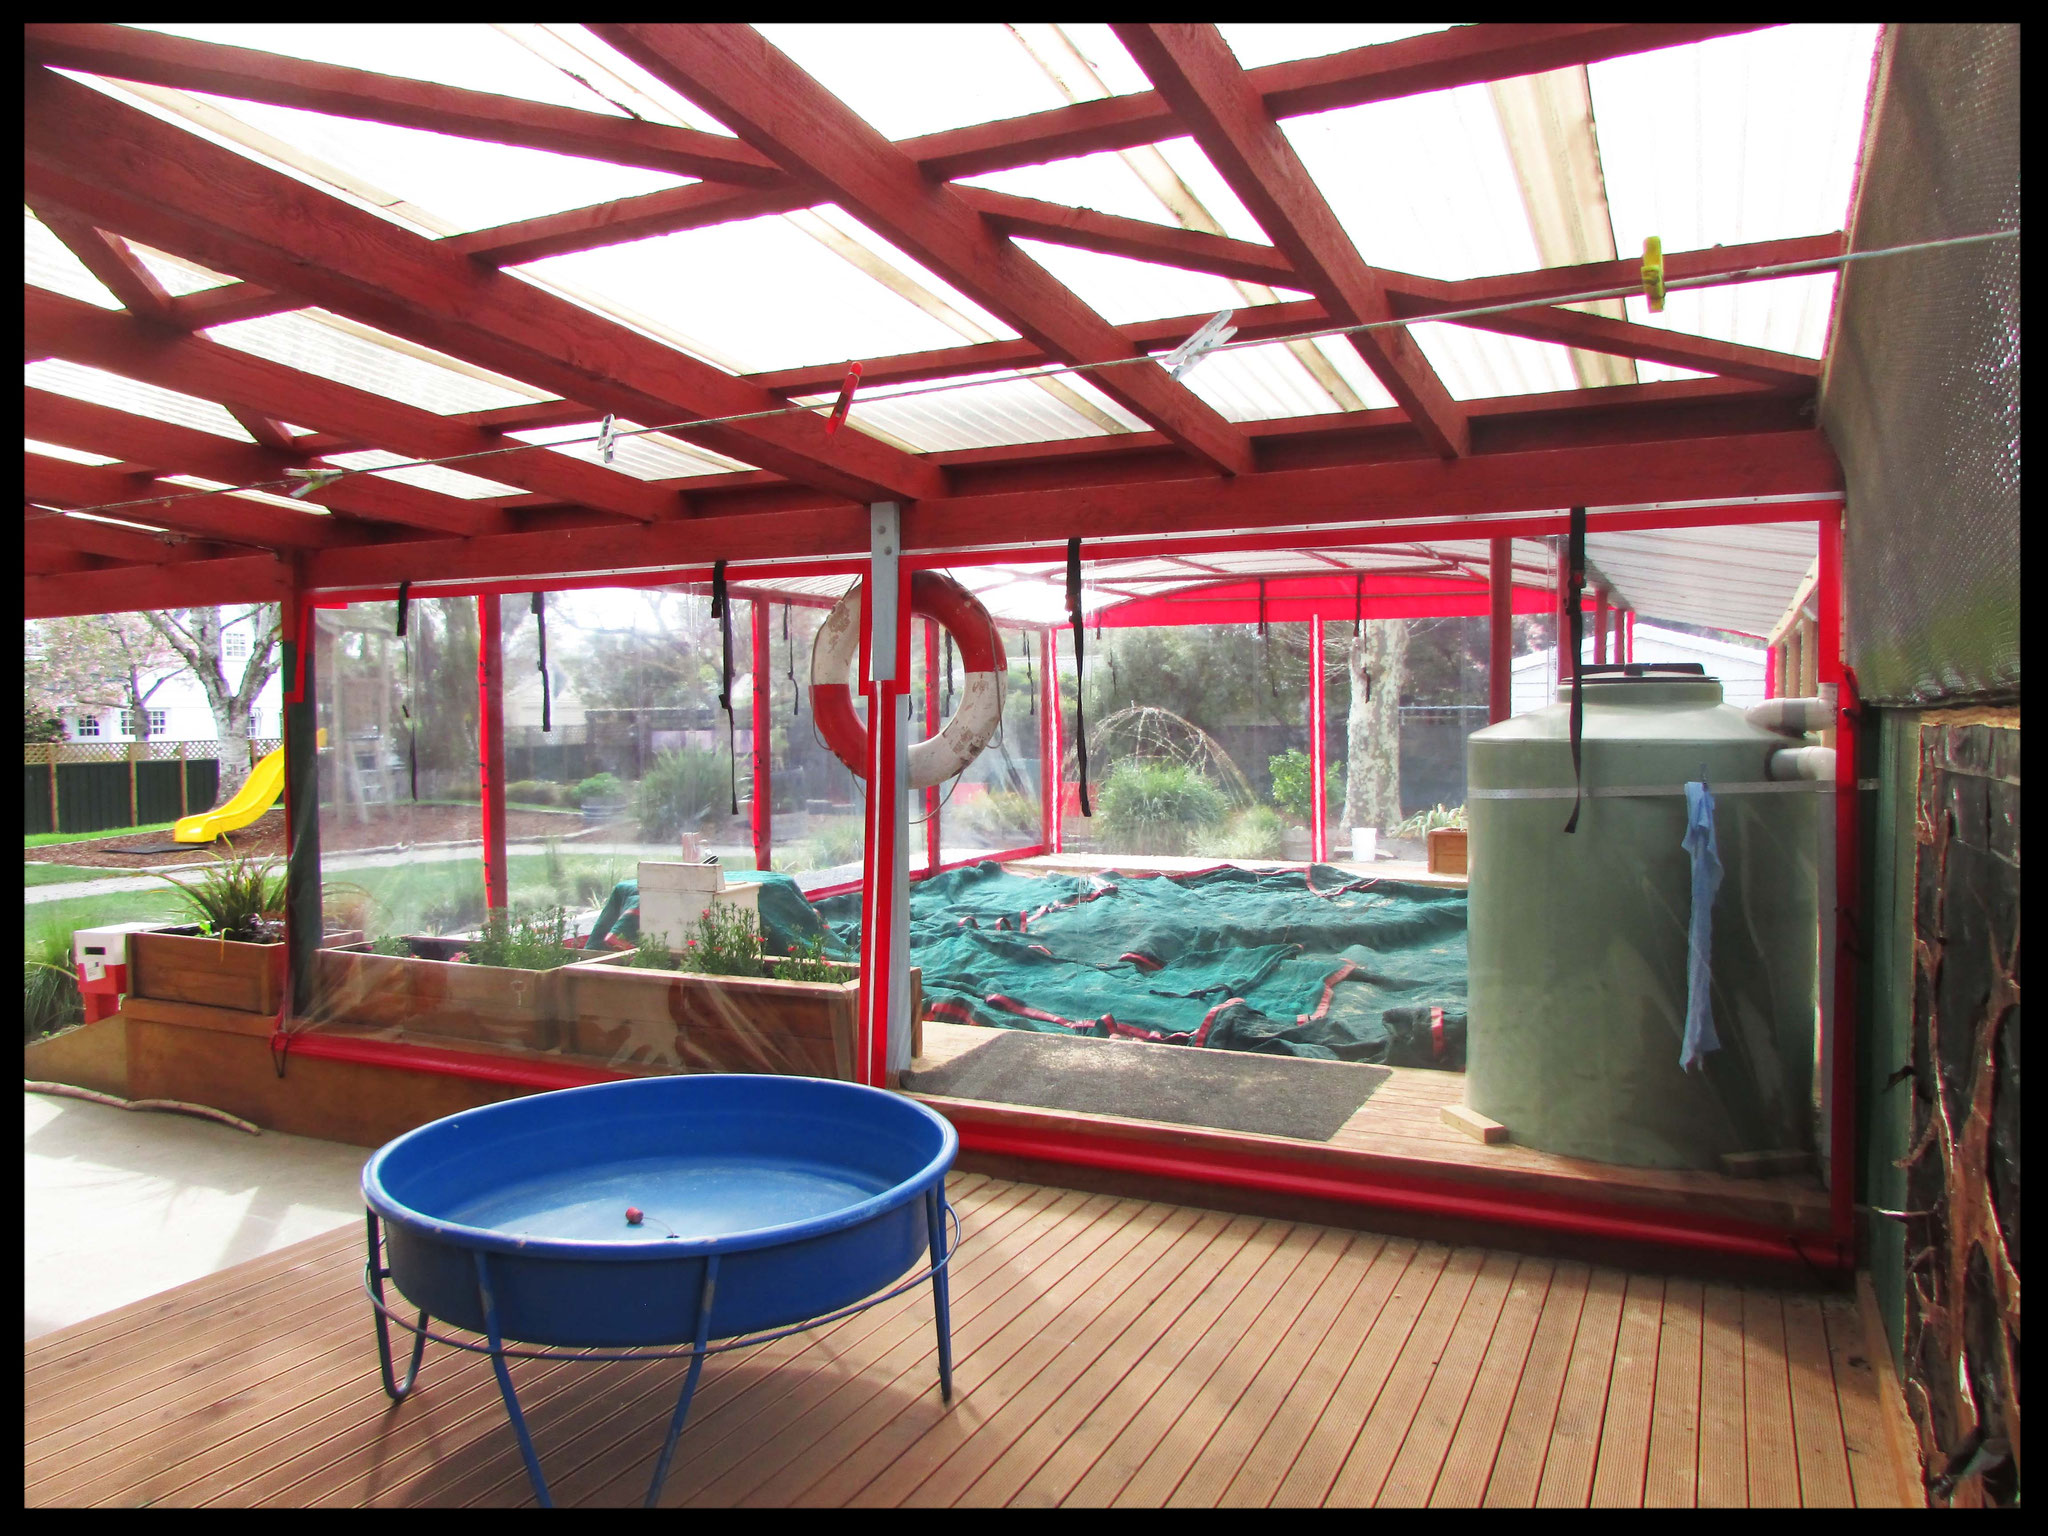 Sandpit Playroom, Springlands Kindergarten, Blenheim